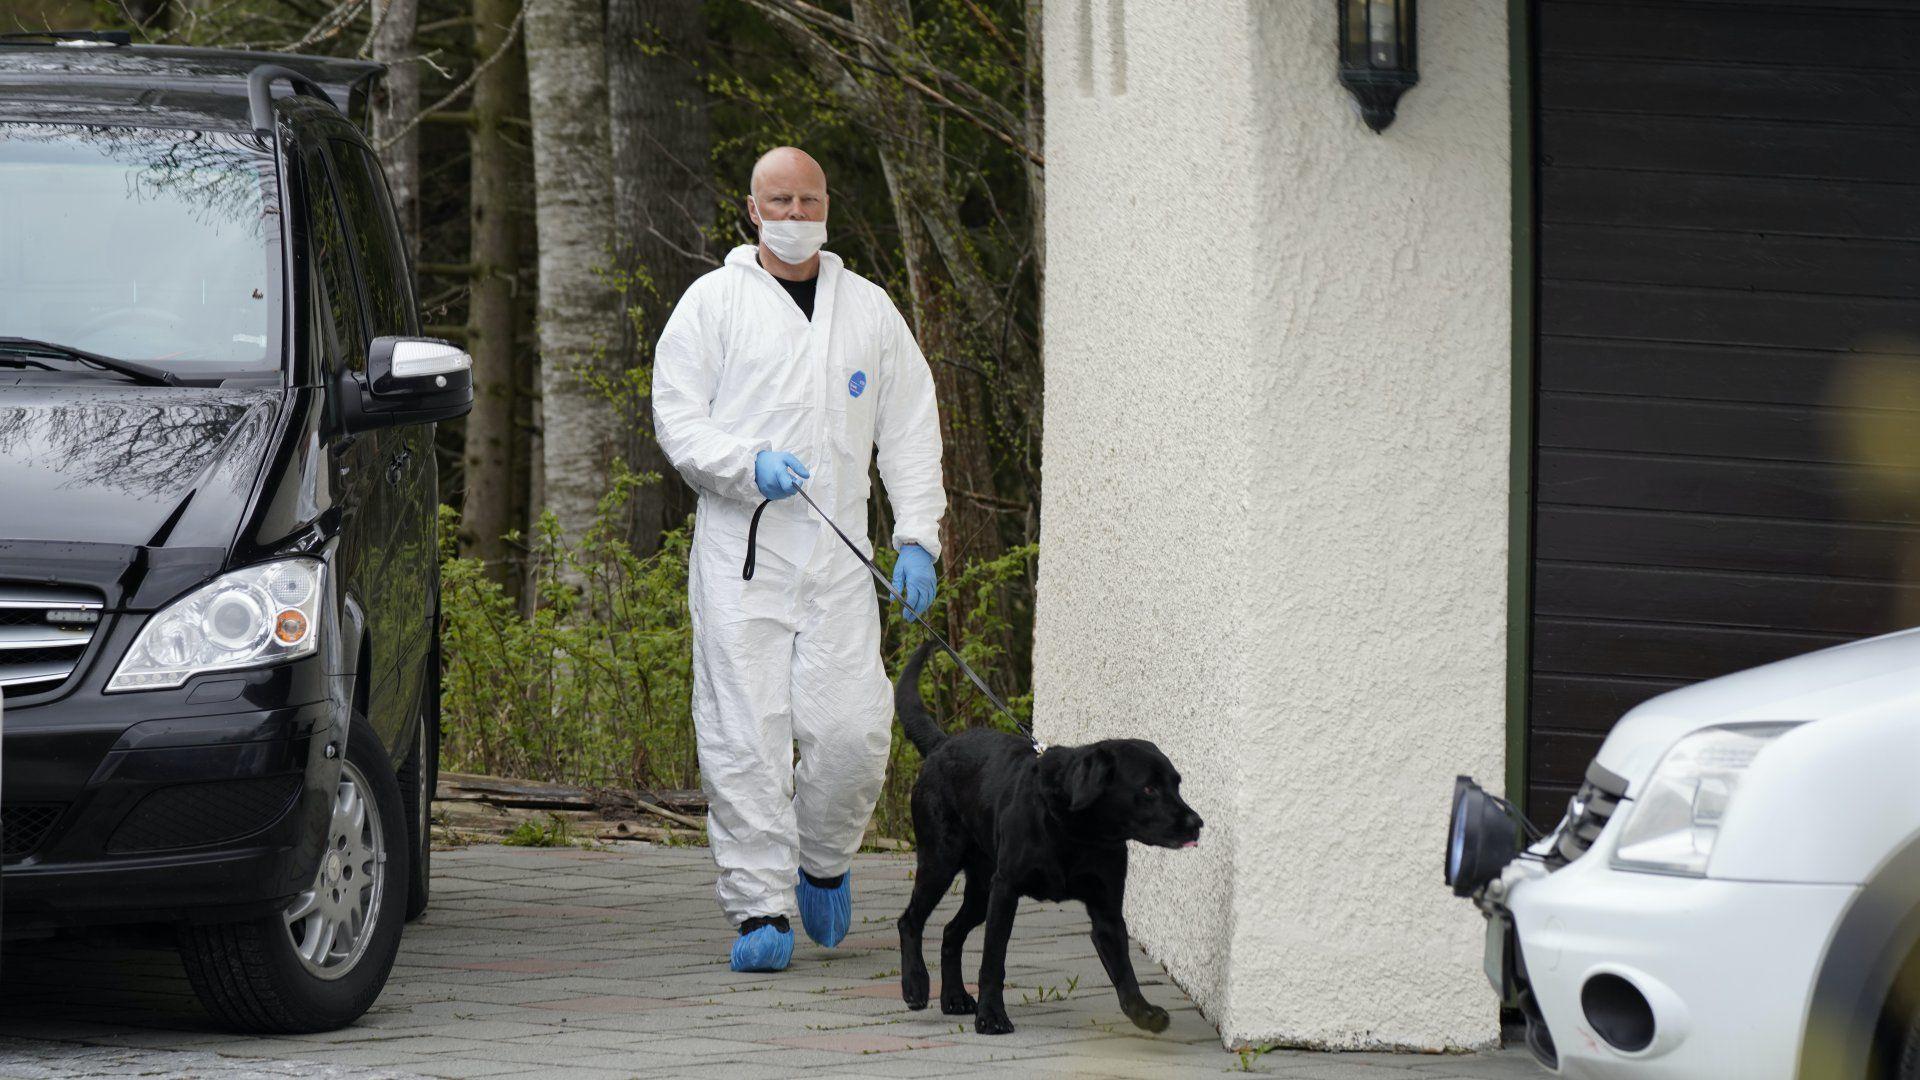 Egy nyomozó kutyával Tom Hagen házánál